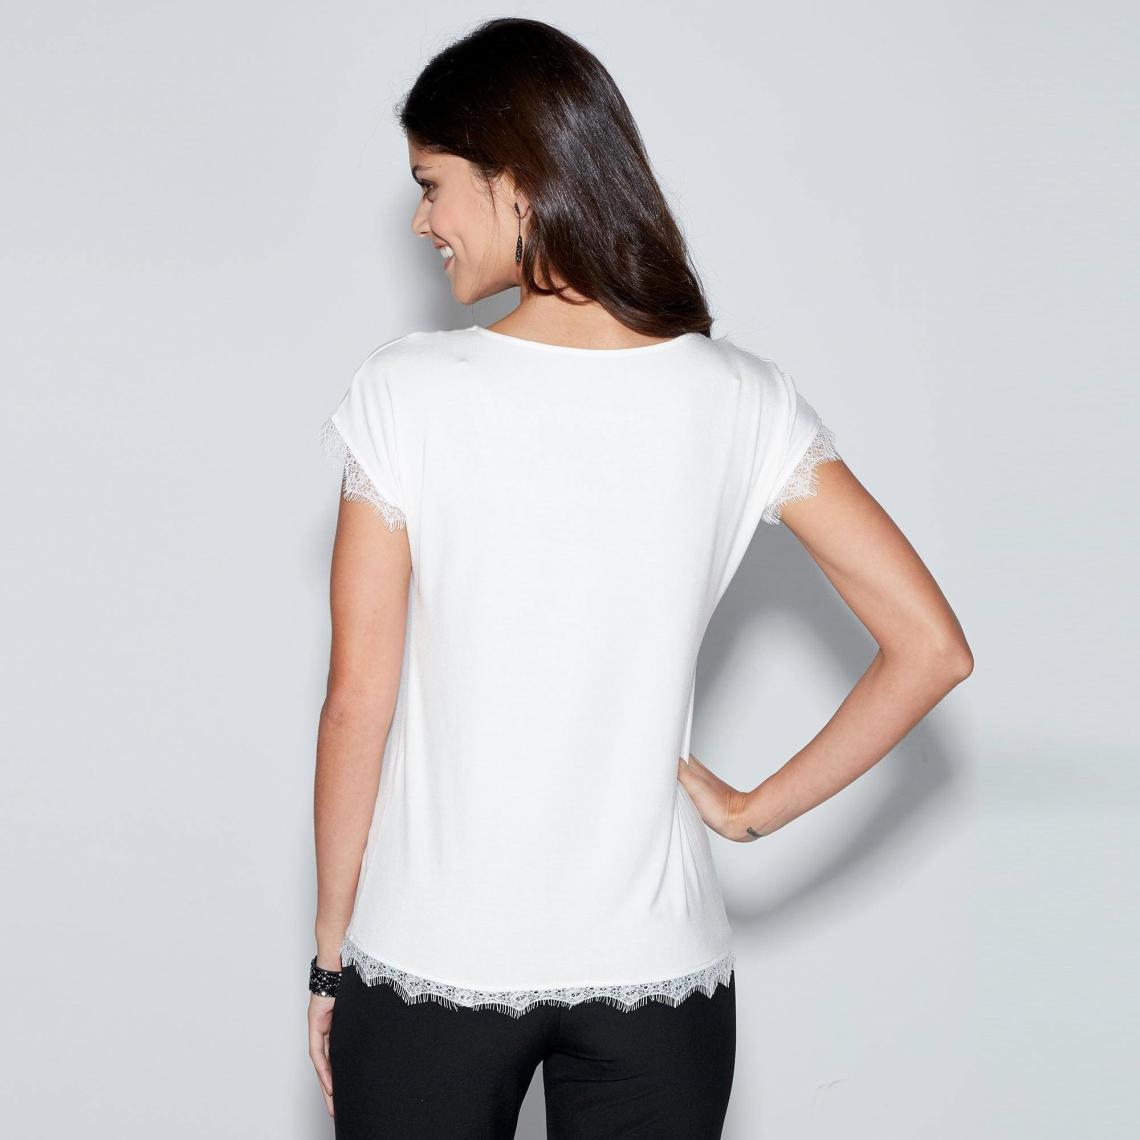 Tee-shirt sans manches col V dentelle femme Exclusivité 3SUISSES ... 2df666ab725